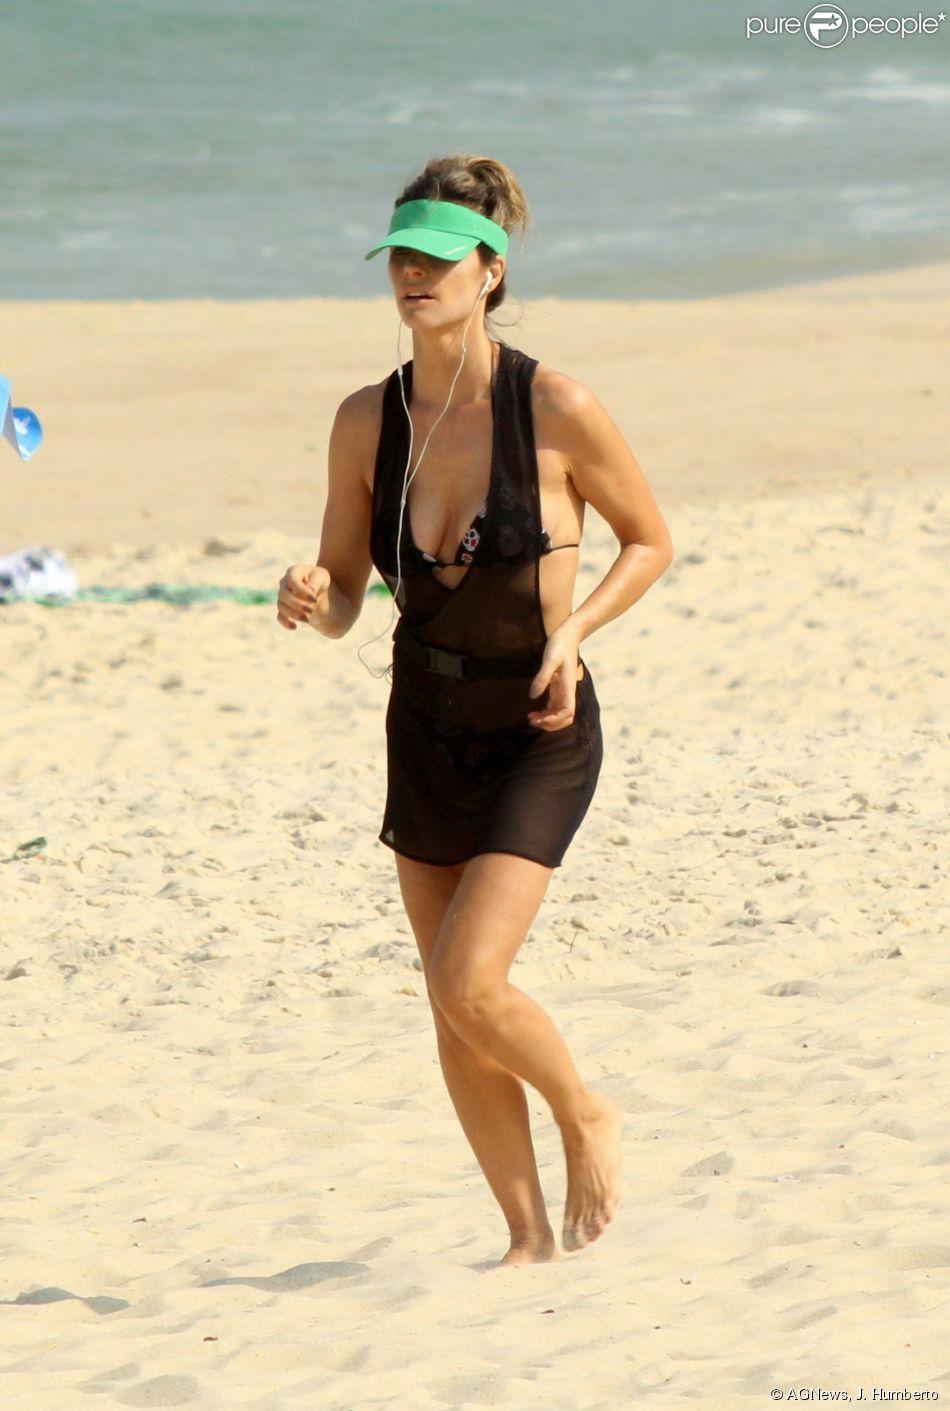 Fernanda Lima pratica corrida na praia do Leblon, no Rio de Janeiro, de saída de banho transparente, nesta terça-feira, 26 de maio de 2015